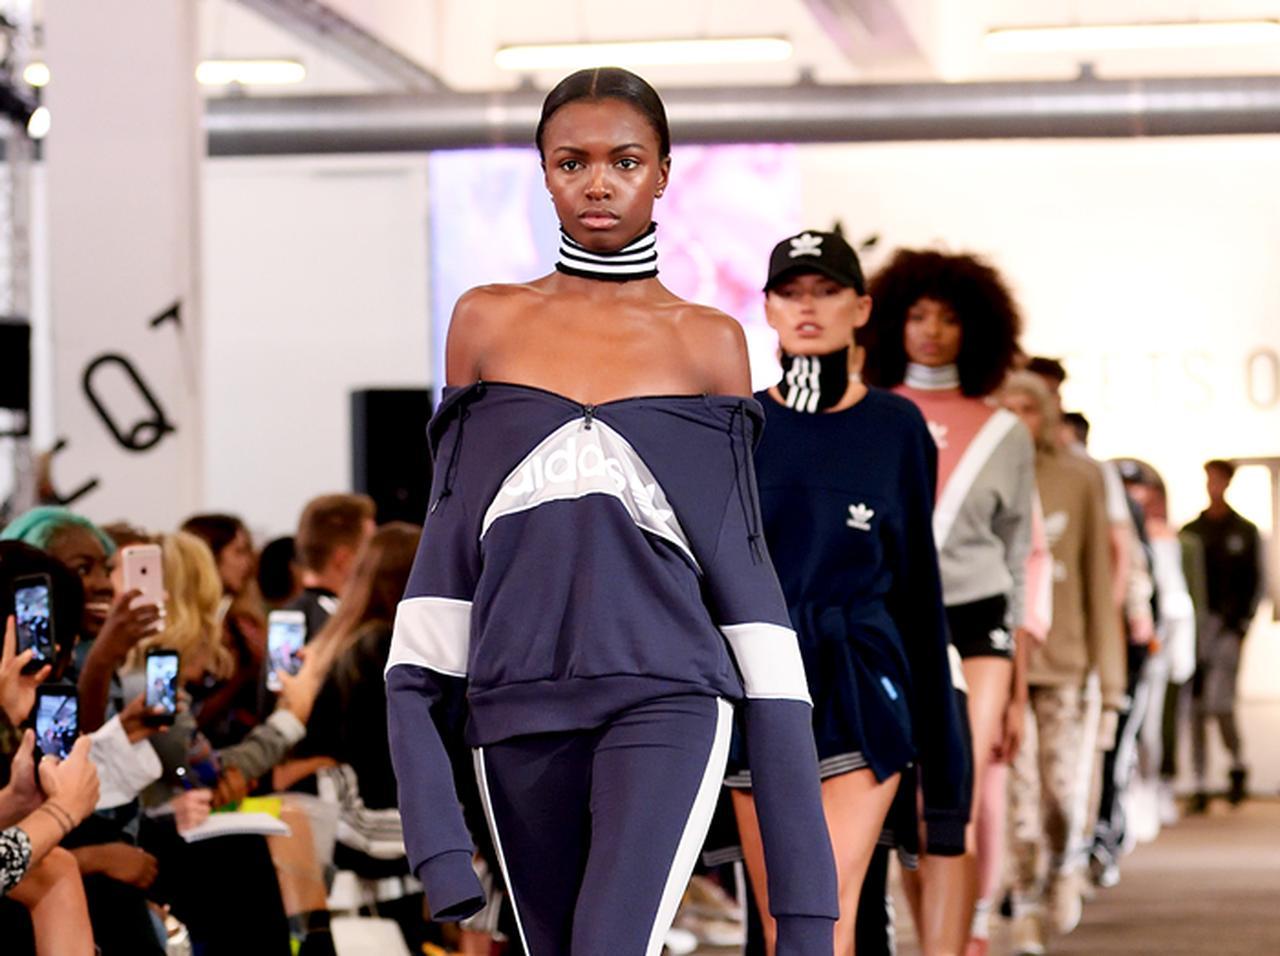 ファッション業界は人種差別的? 人気モデルが人種による扱いの違いを暴露